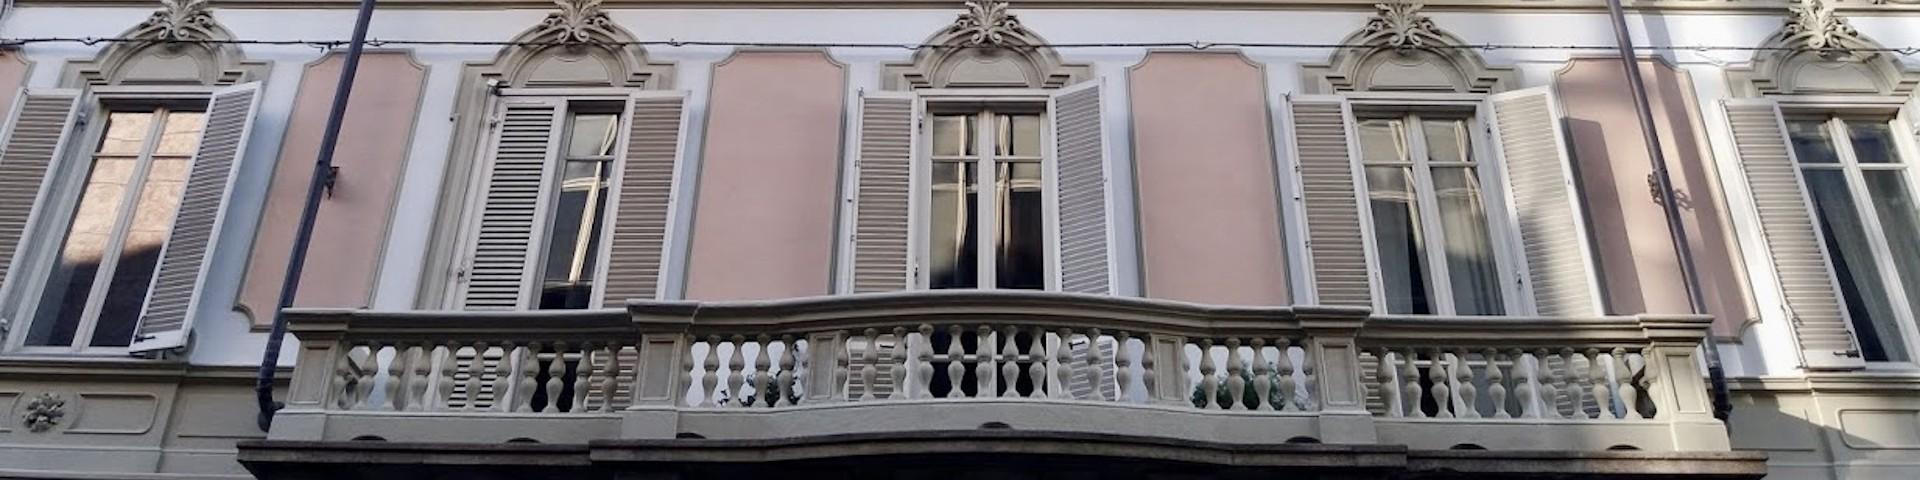 palazzi moderni palazzi del potere fuorilegge with